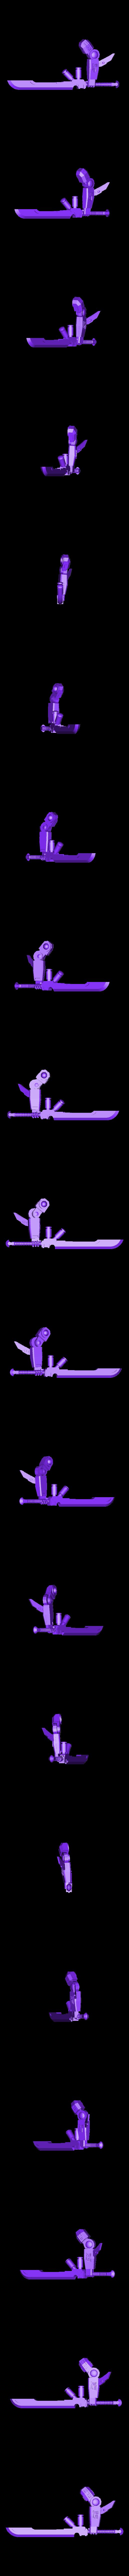 LongSeer_L_Arm___Morning_Sword_.stl Télécharger fichier STL gratuit L'épée du matin du Long Seer • Plan imprimable en 3D, buckhedges